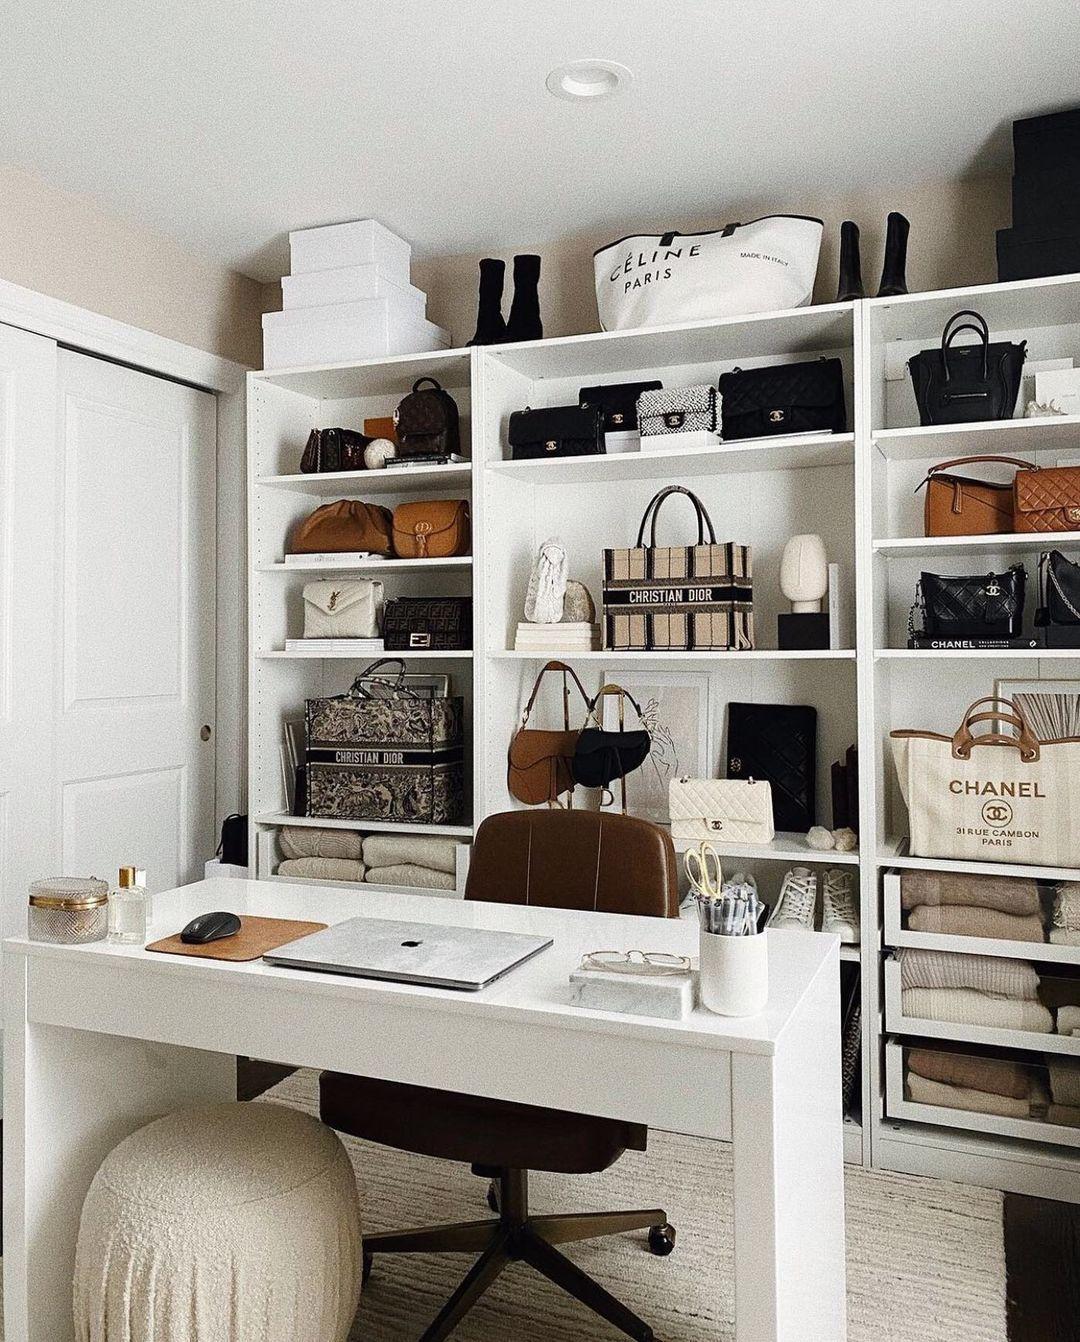 """S T A R L O W ® on Instagram: """"Cloffice goals 👢👡👝👜💼 via @alyssa.lenore #shopstarlow #officespace #officedecor #officedesign #walkincloset #closetorganization"""""""